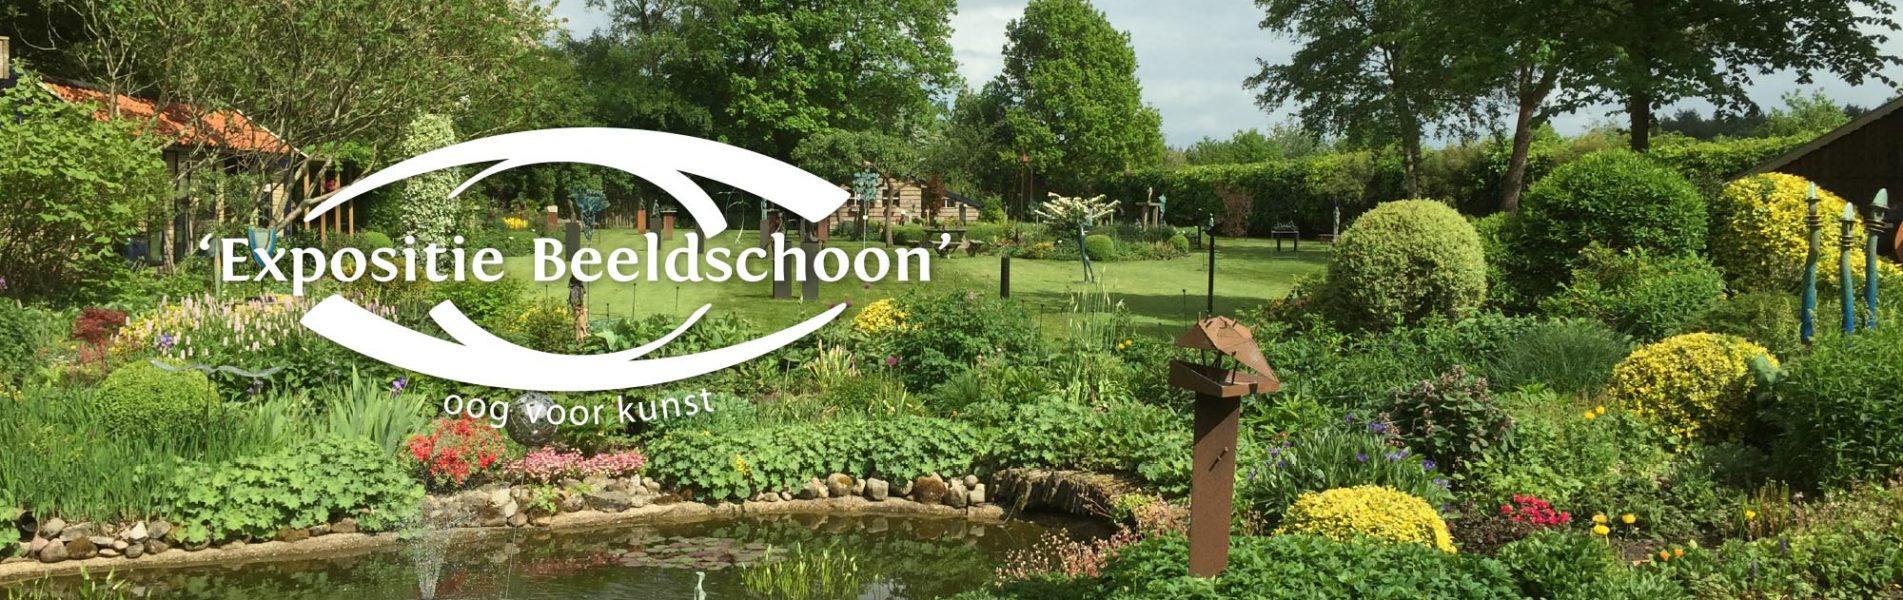 Expositie Beeldschoon